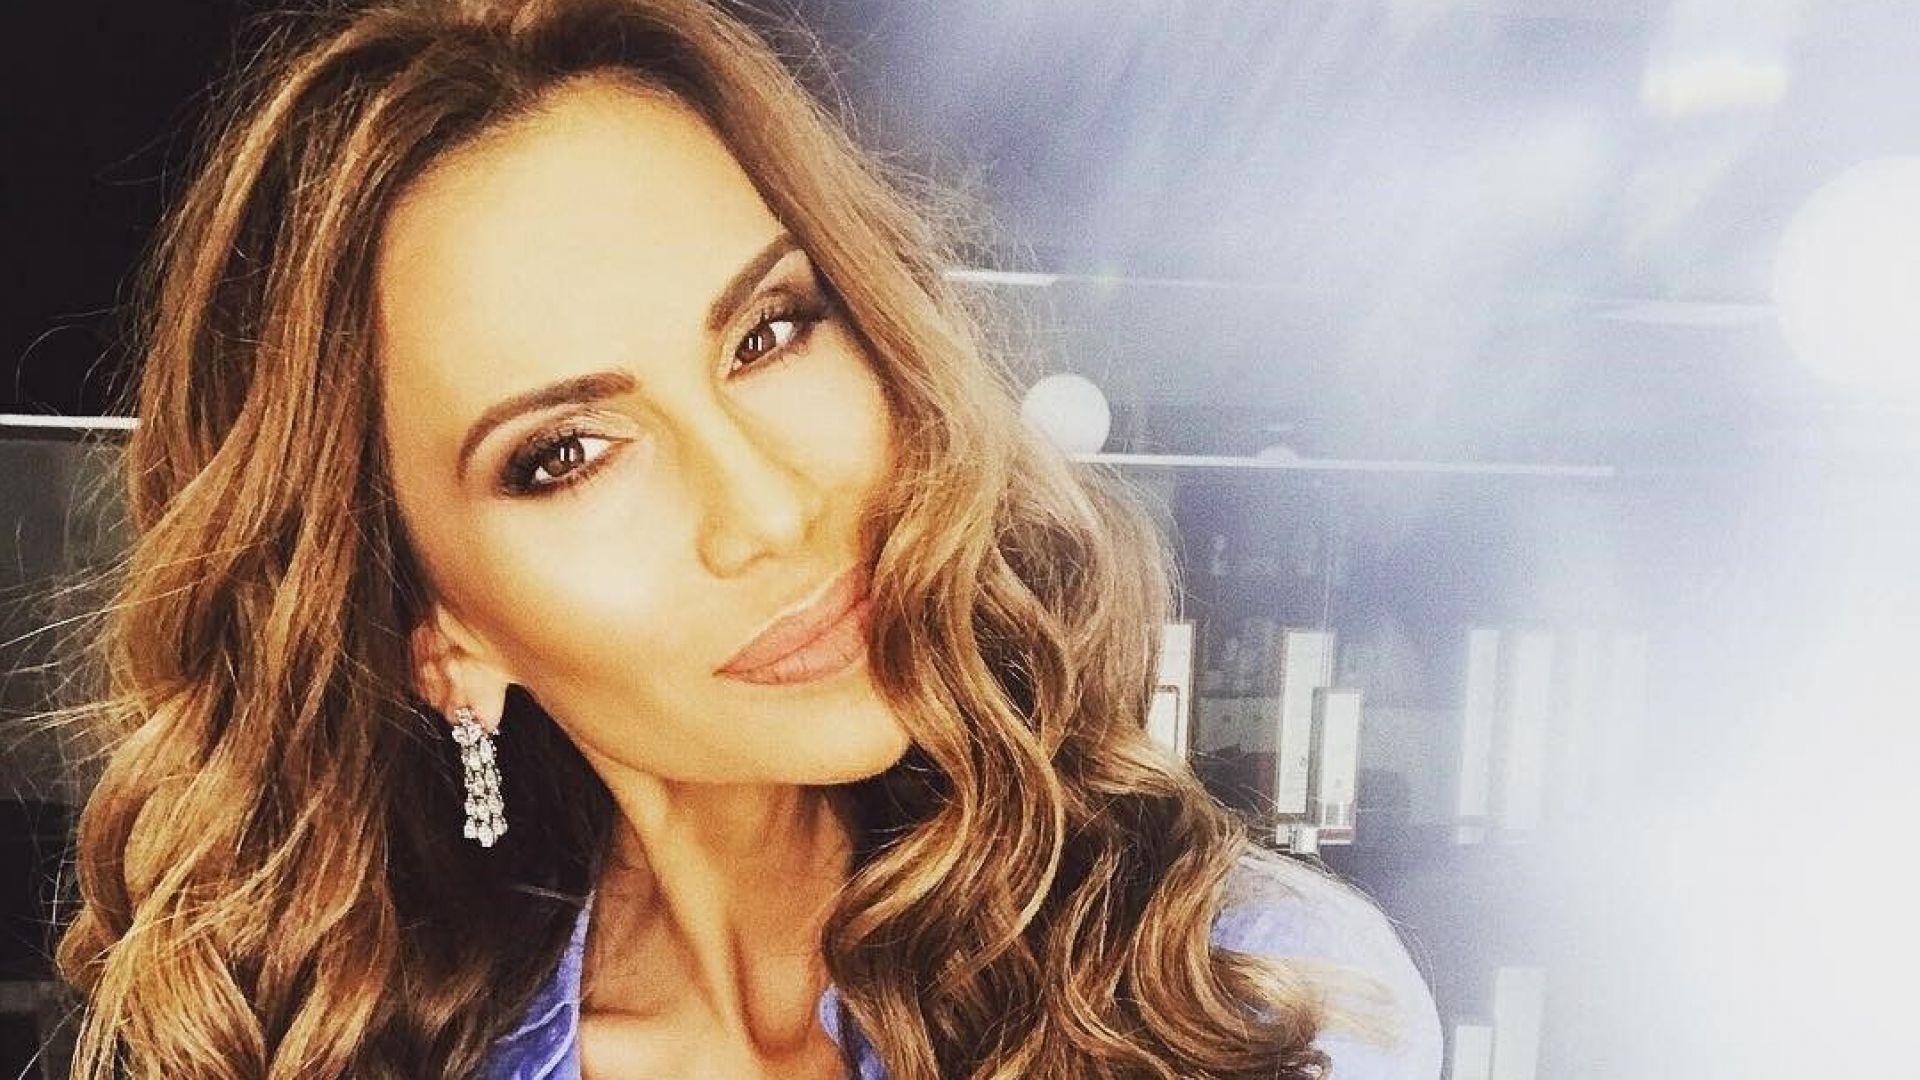 Ивайла Бакалова: Не харесвам Дубай. България е най-красивата страна